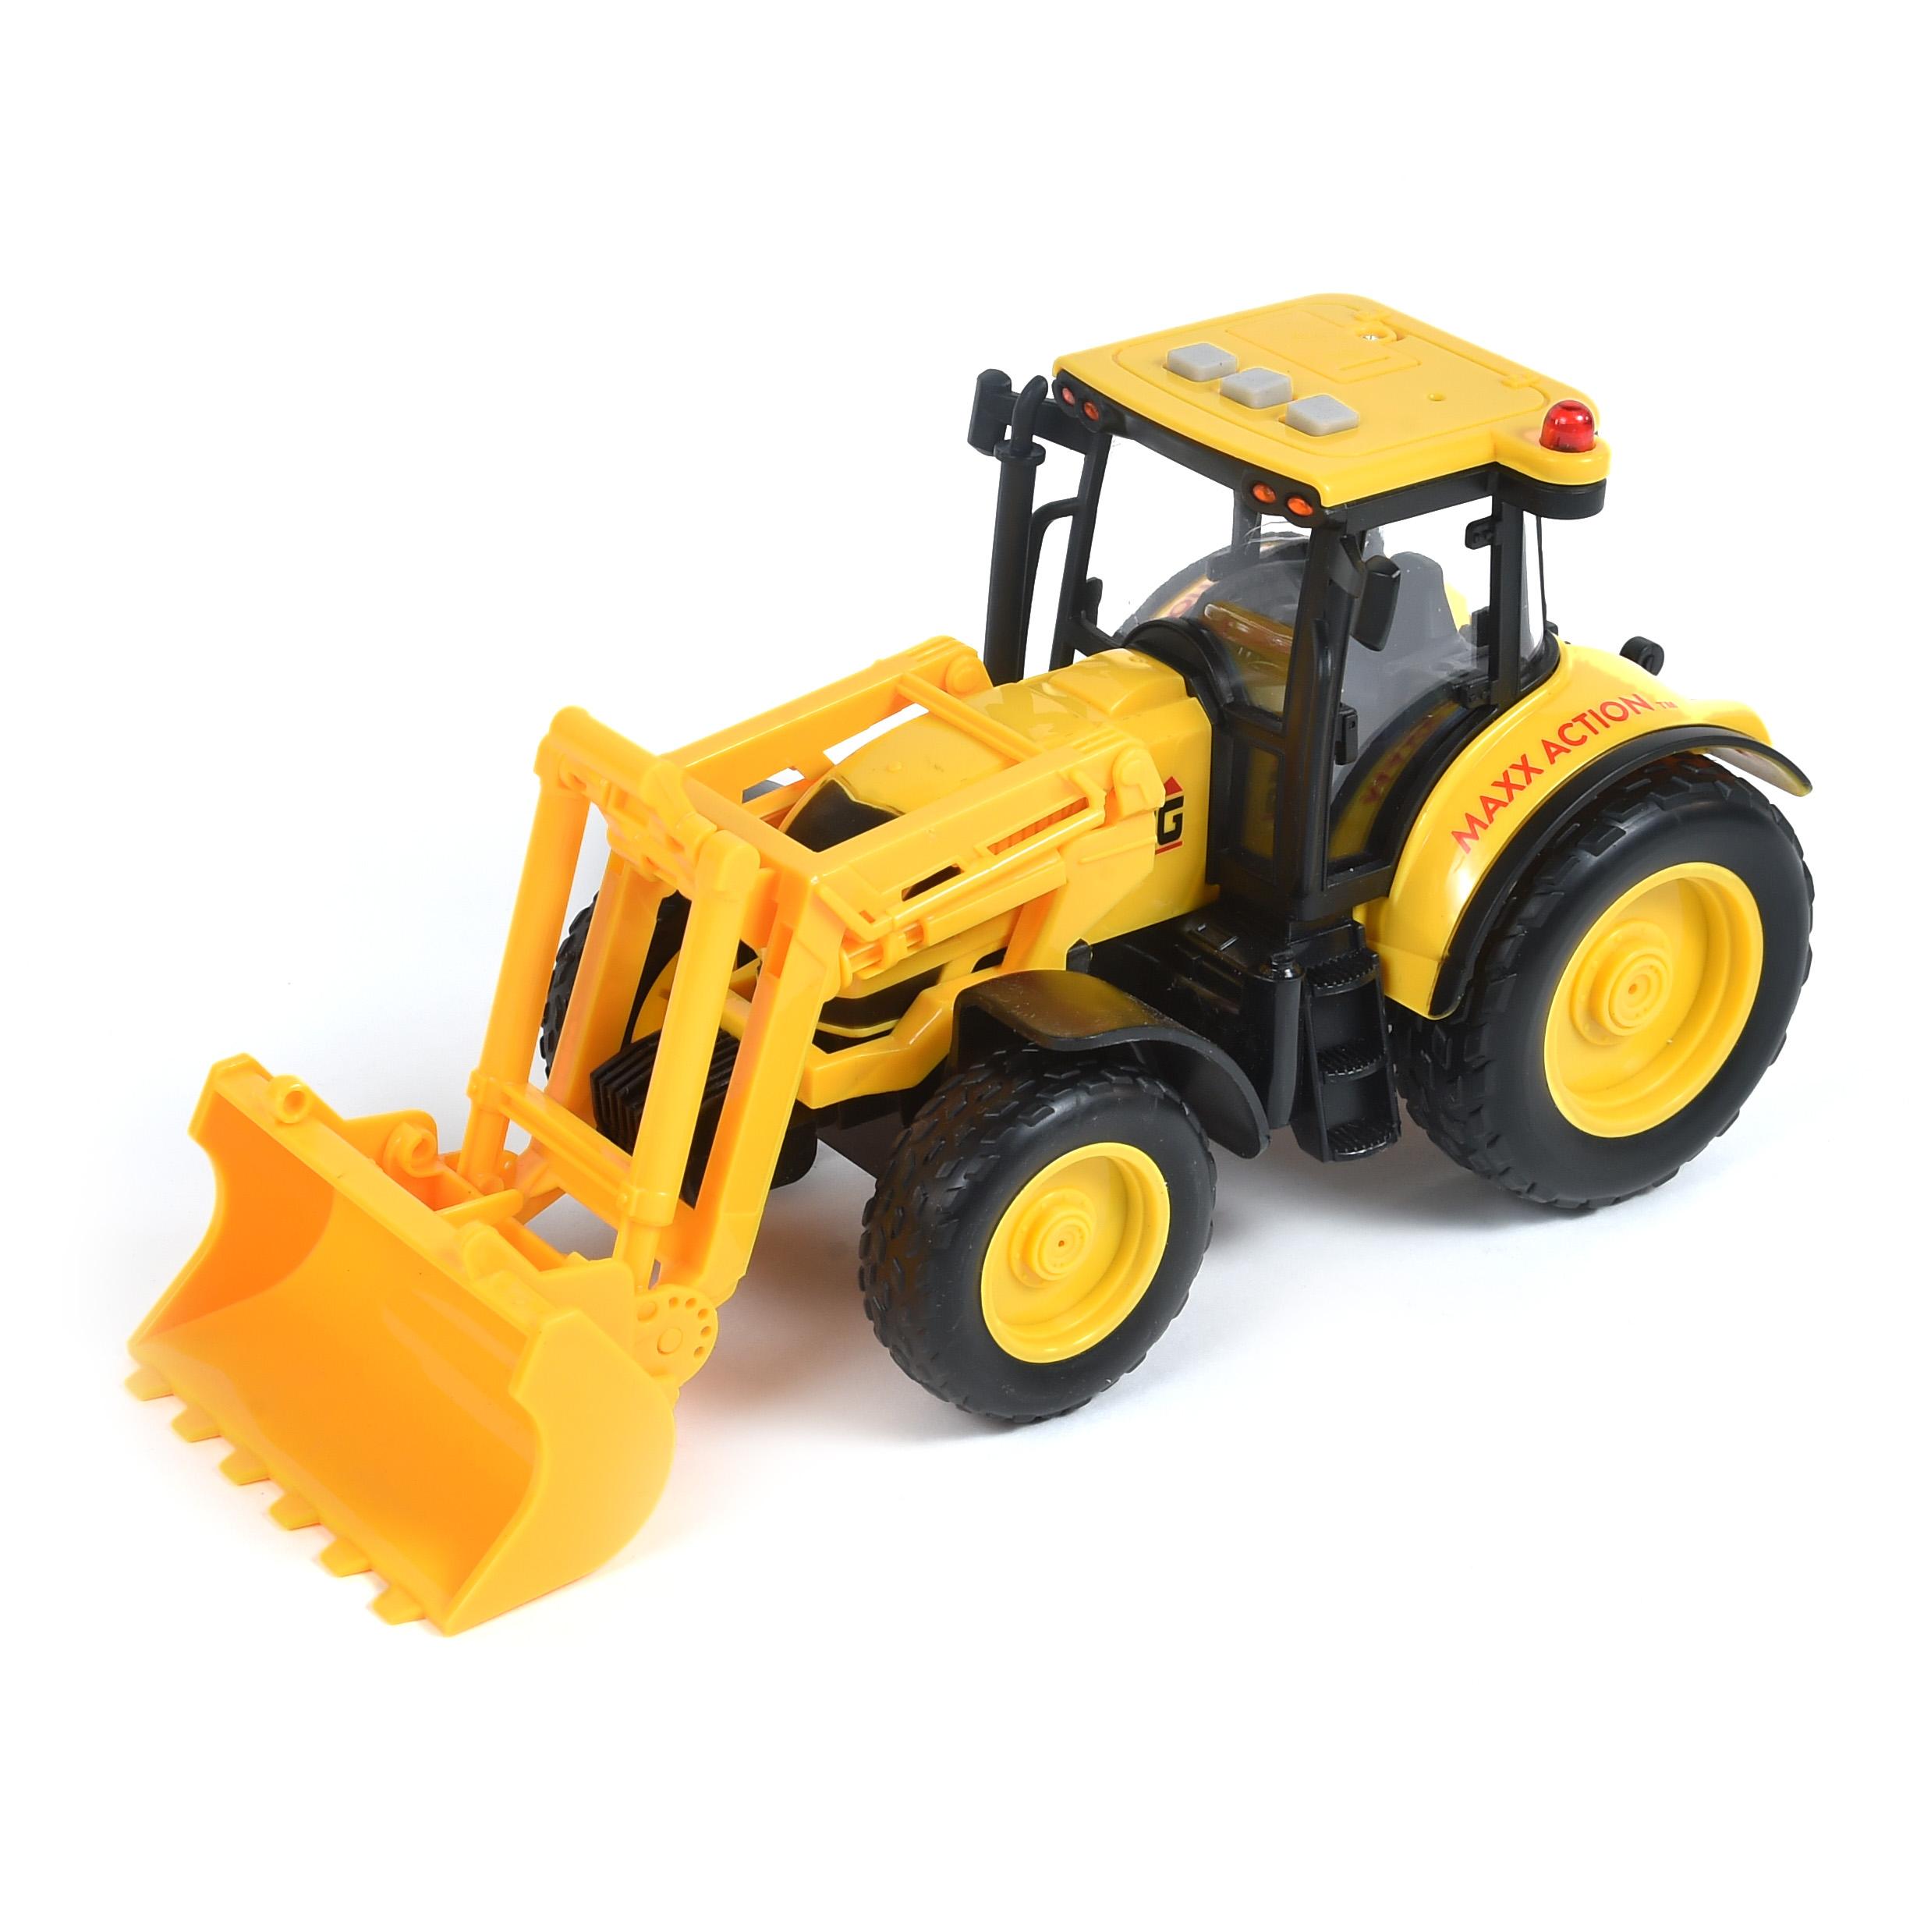 1:16 Construction Vehicle - Front End Loader